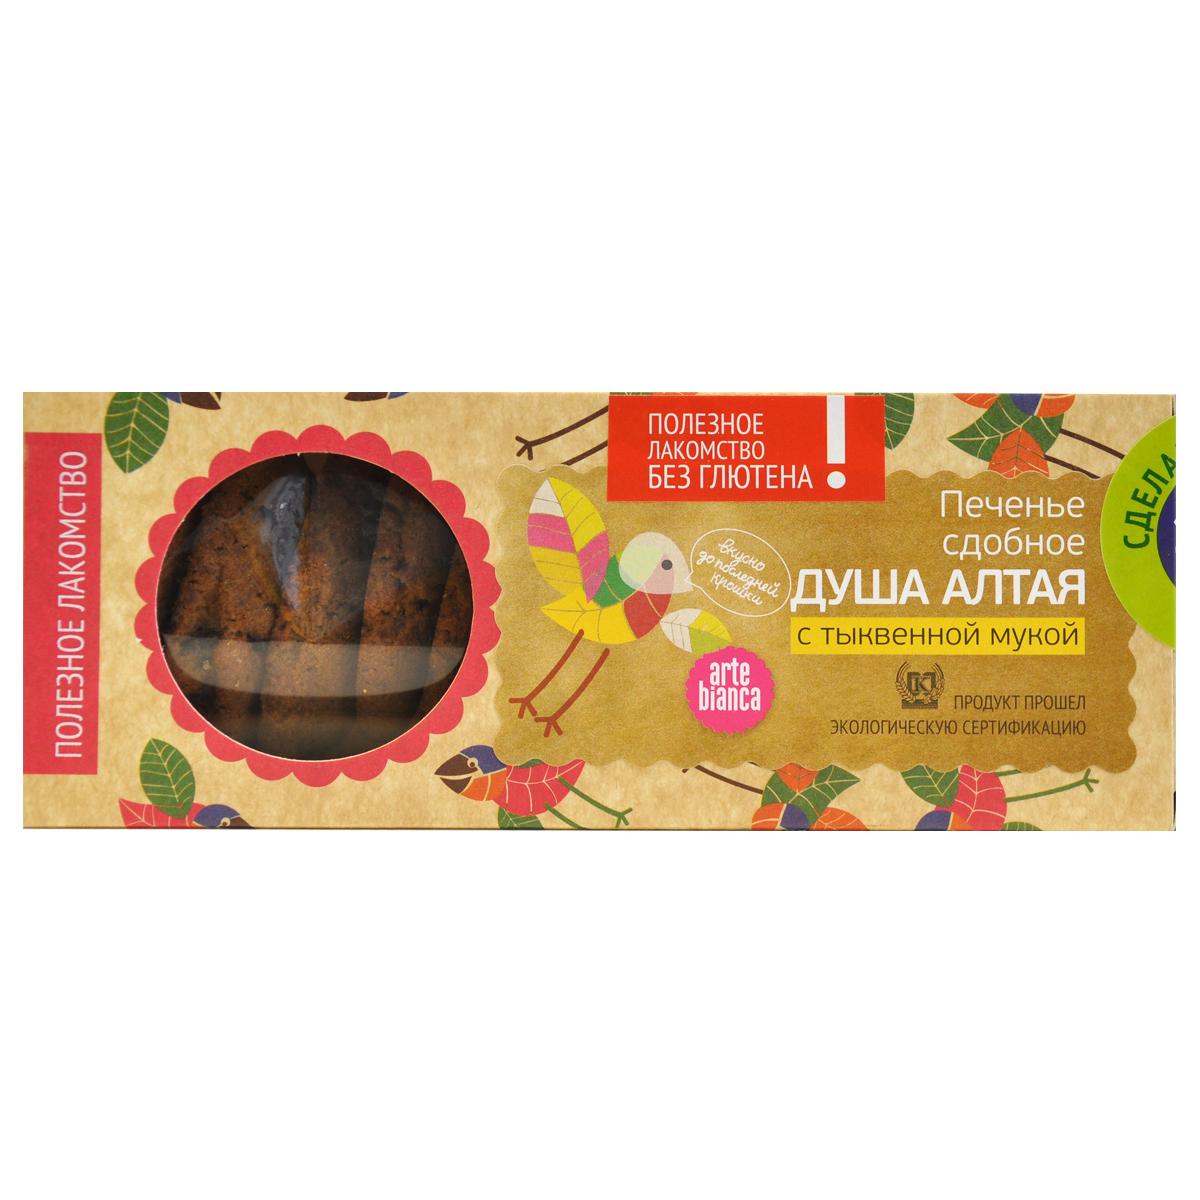 Печенье сдобное Душа Алтая с тыквенной мукой Arte Bianca 260 г